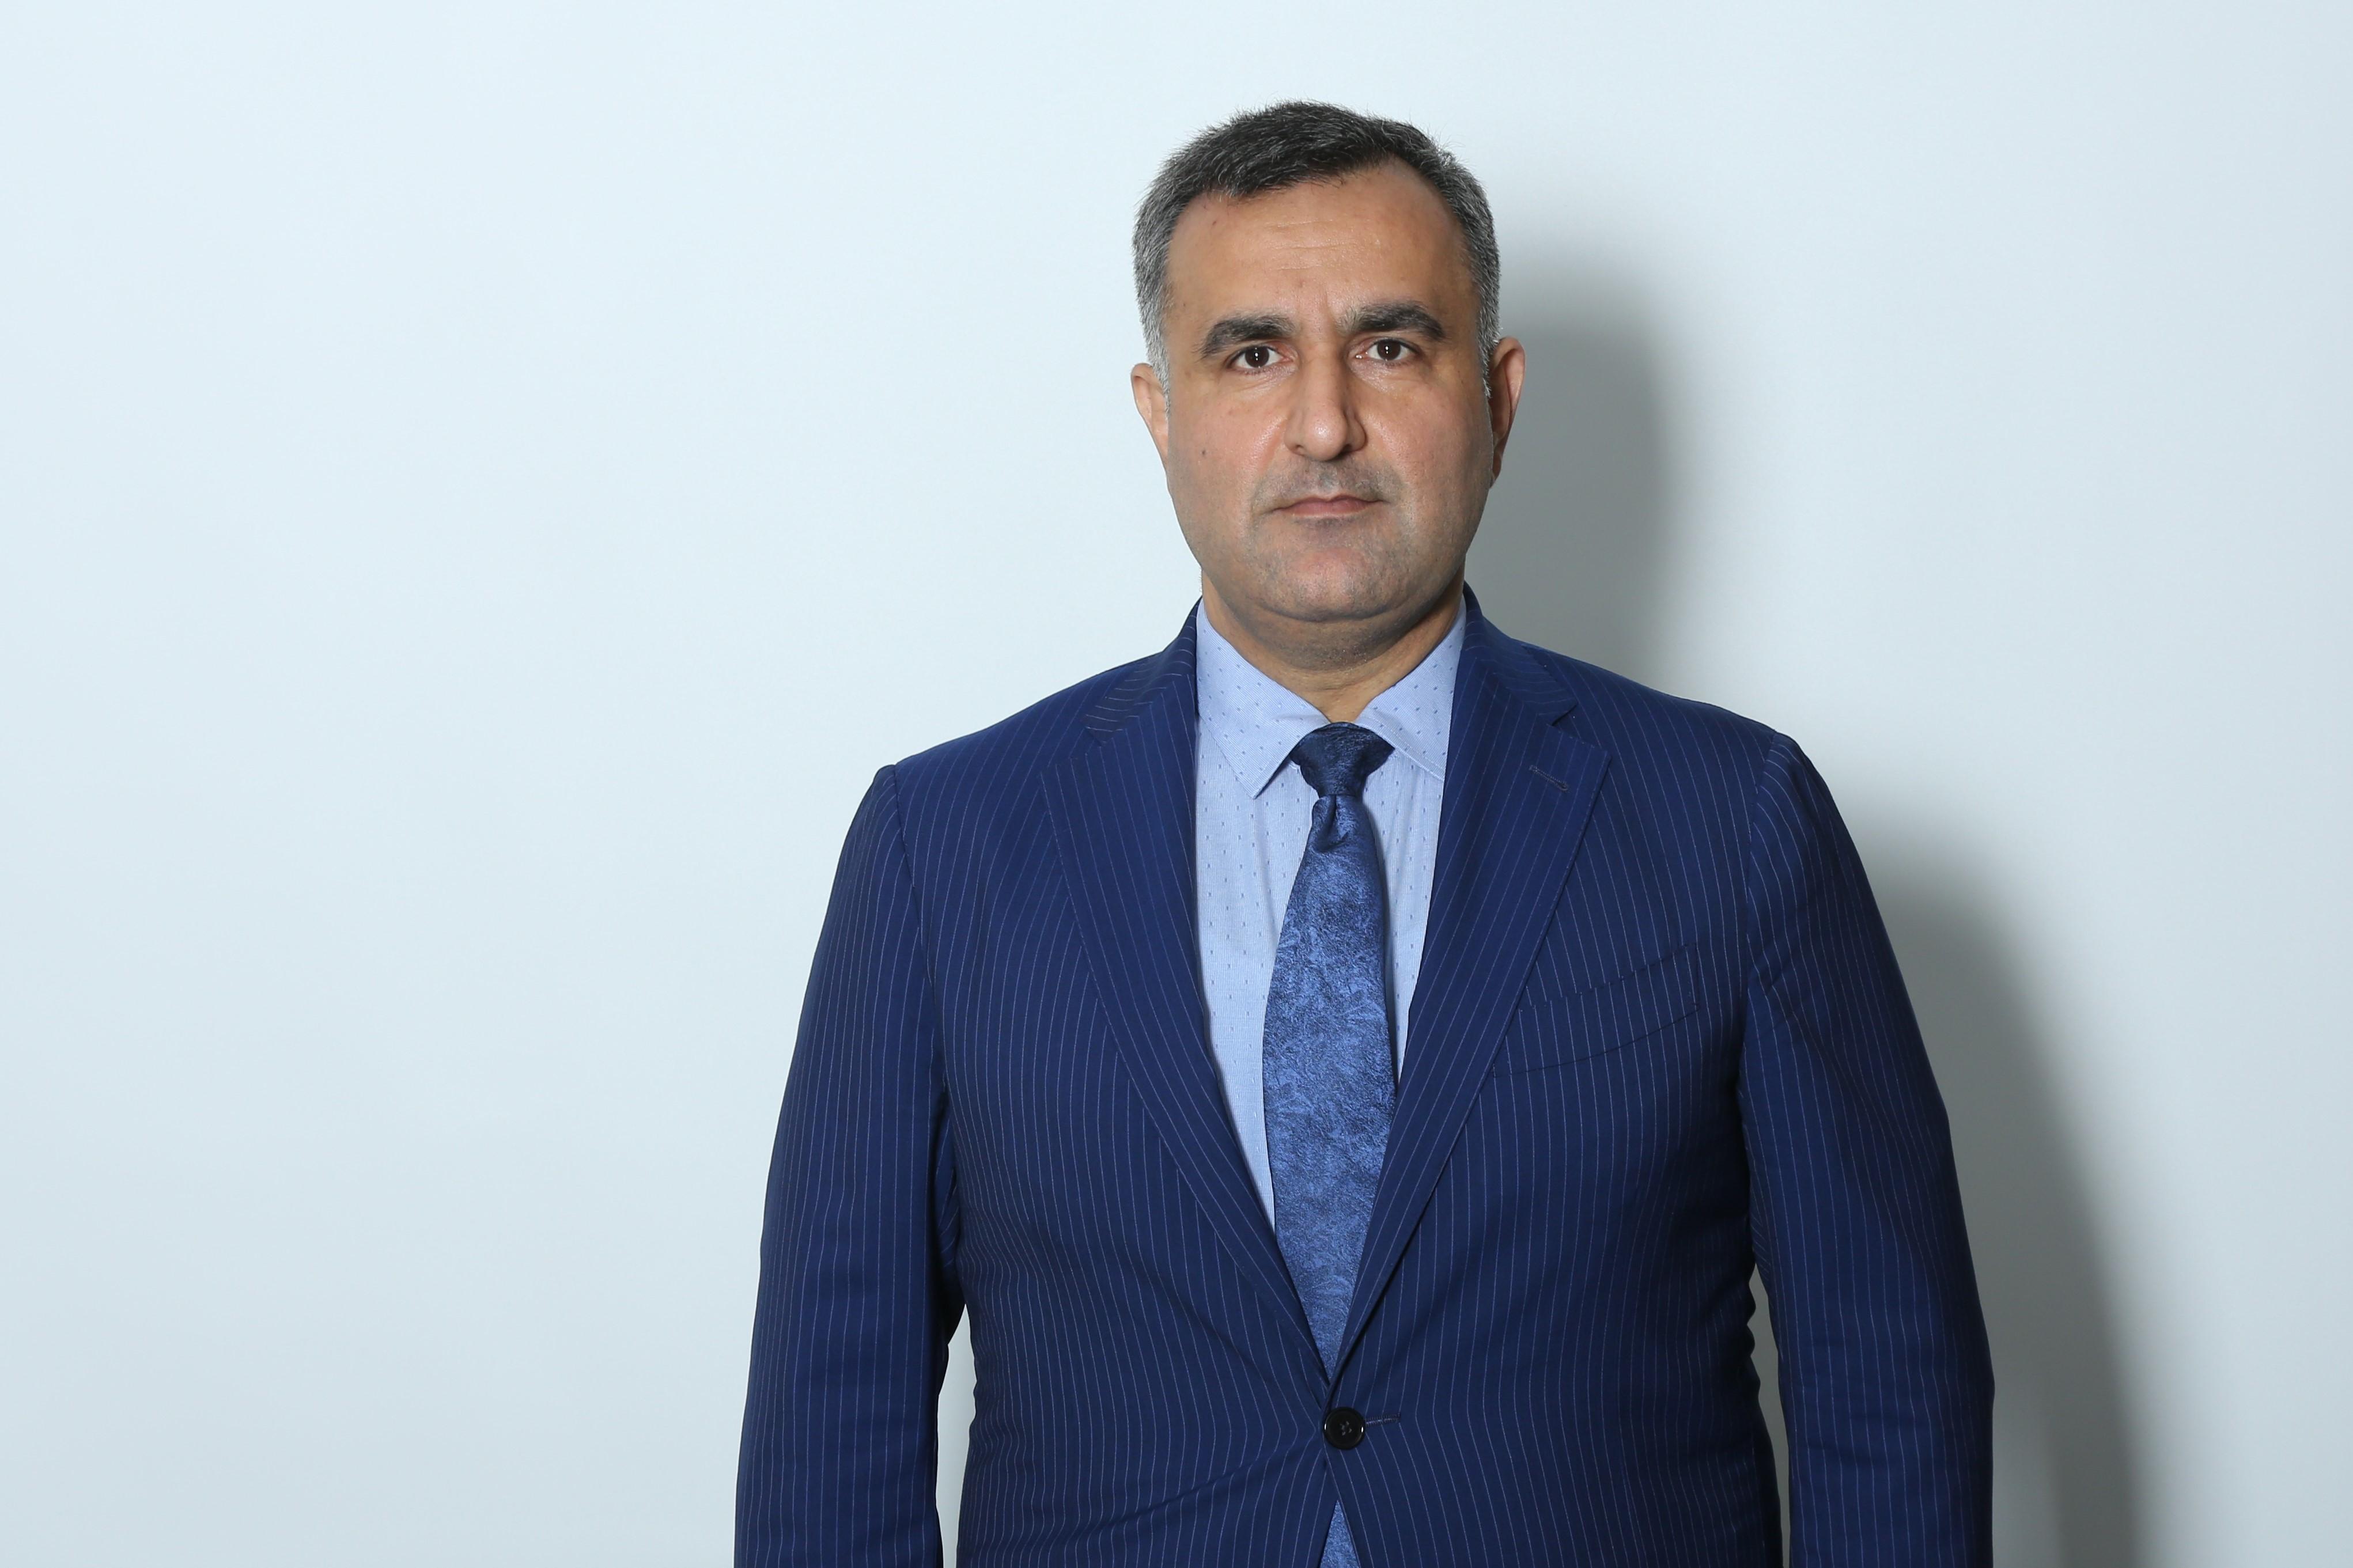 Azərbaycanın nümayəndəsi BMT-nin İqtisadi, Sosial və Mədəni Hüquqlar Komitəsinə üzv seçilib